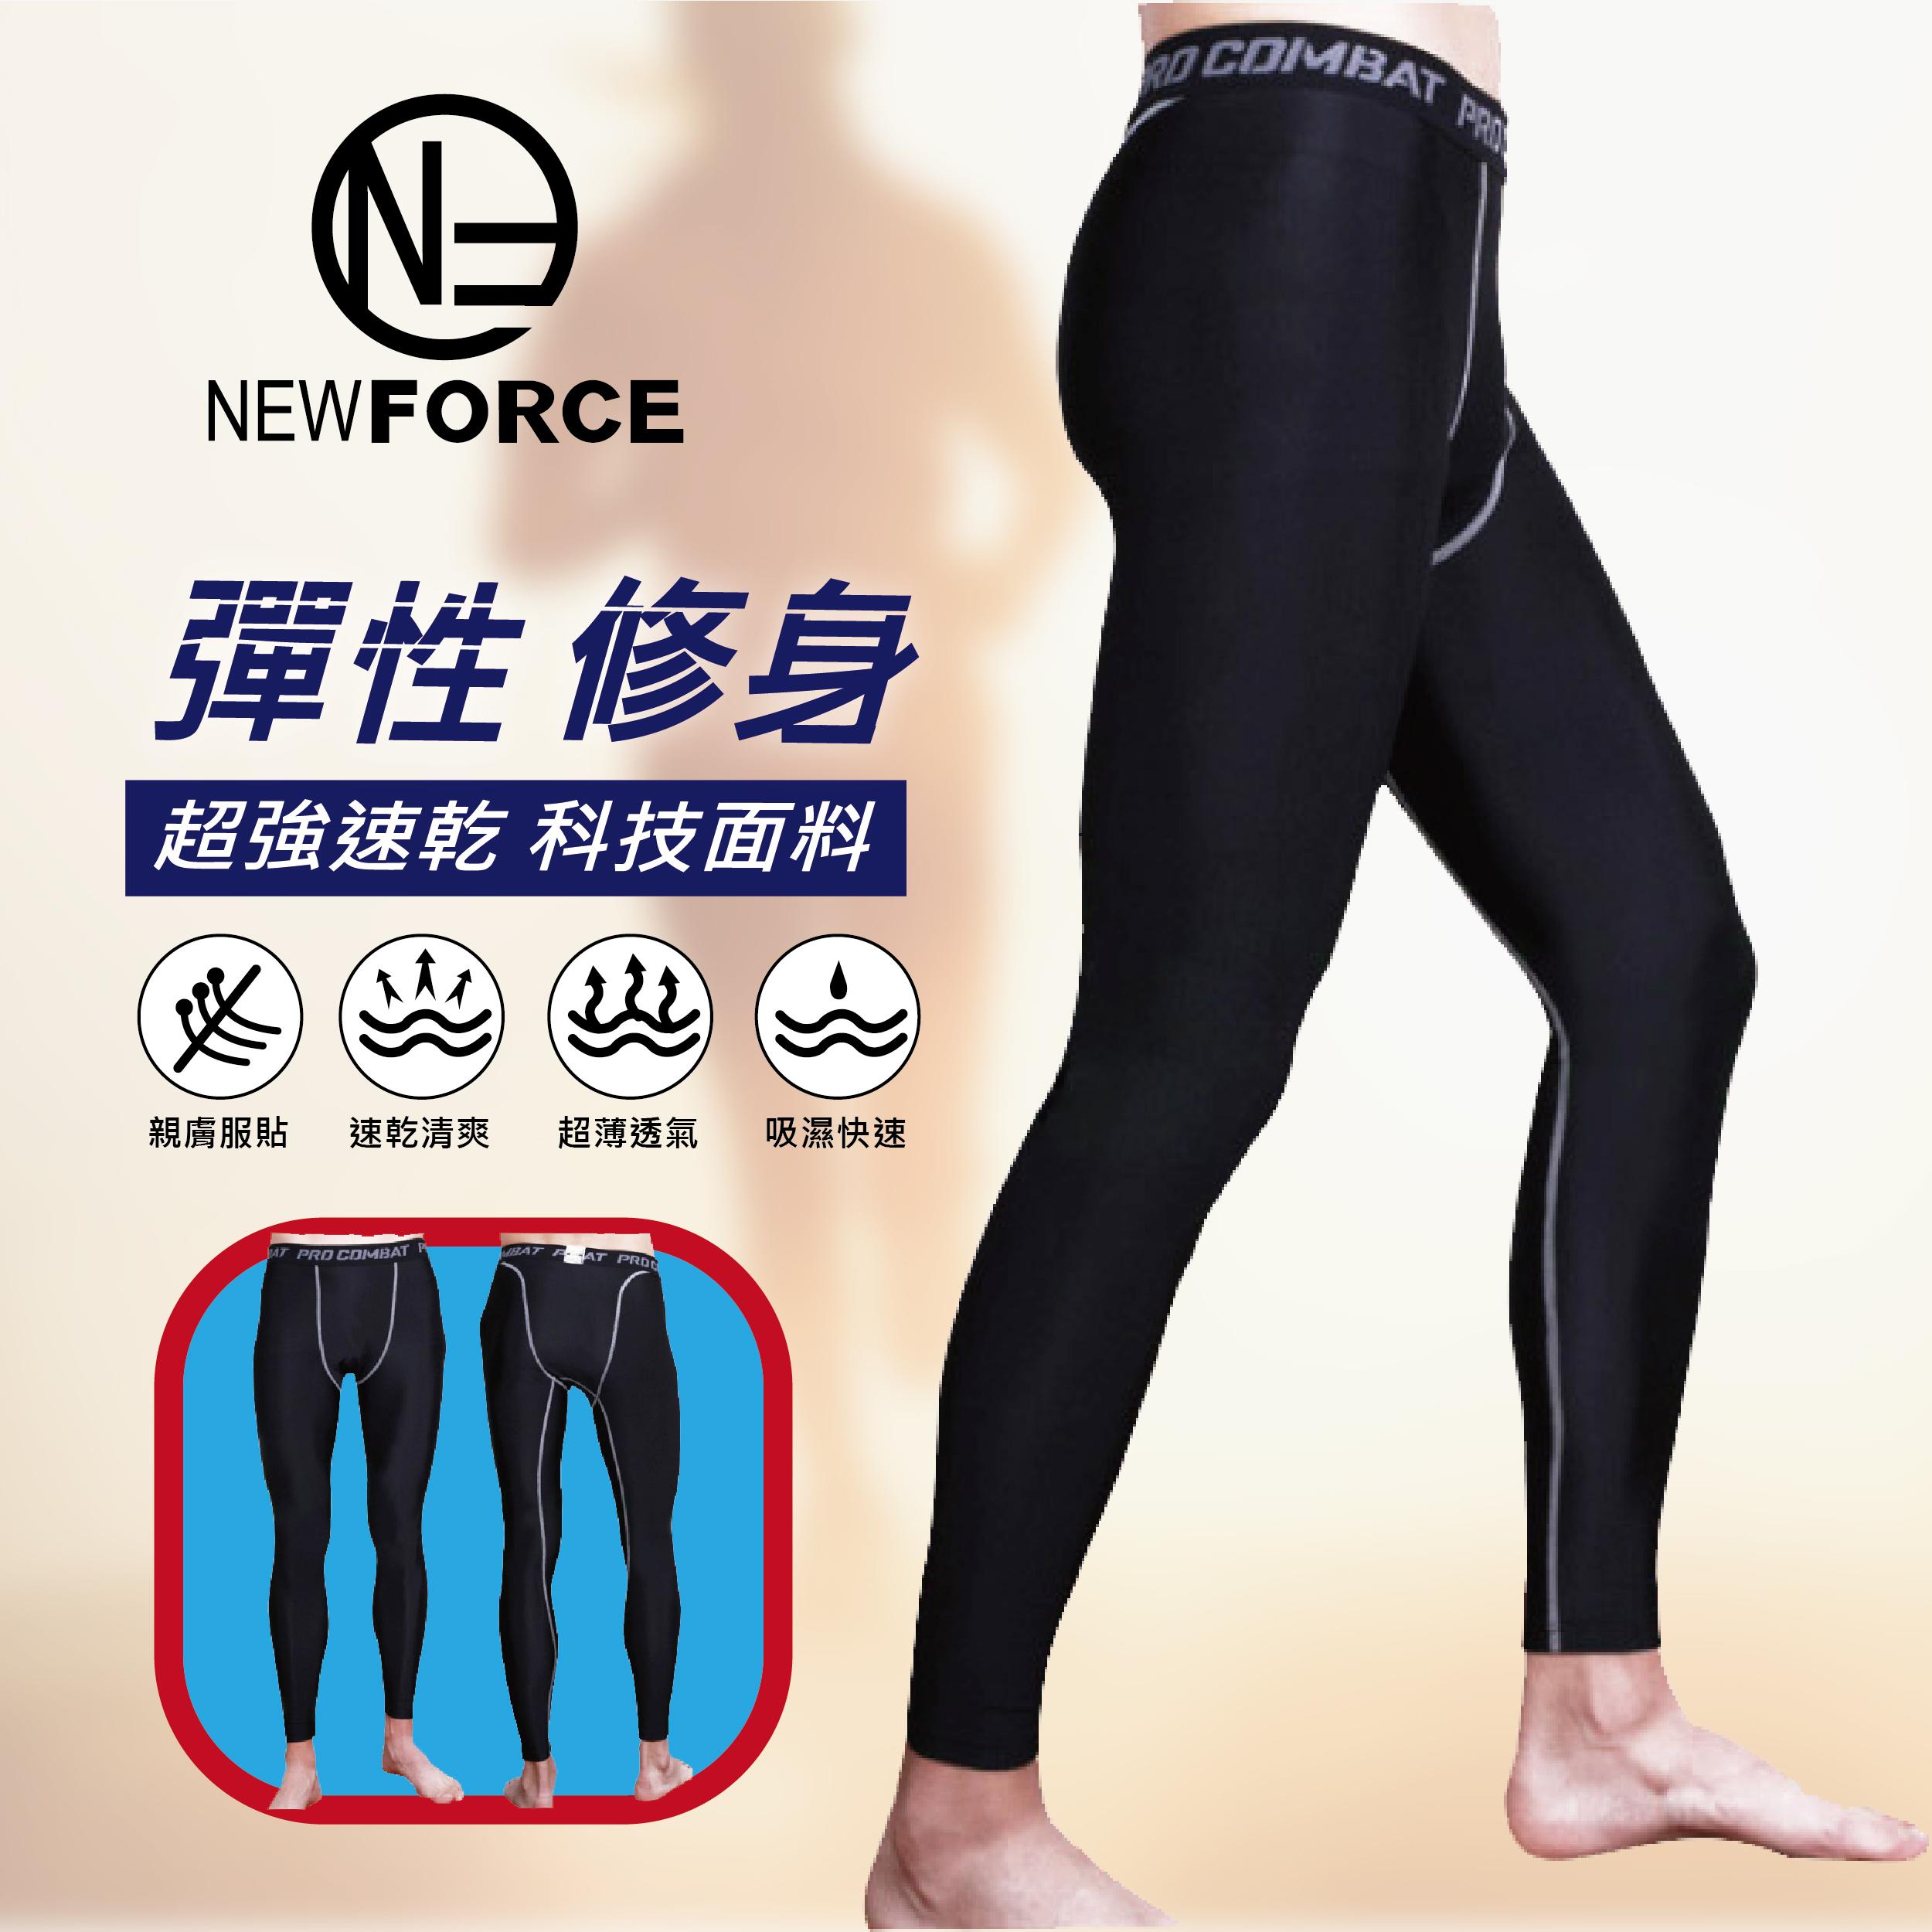 【NEW FORCE】超彈力透氣速乾壓力緊身運動褲-黑色【2020301】